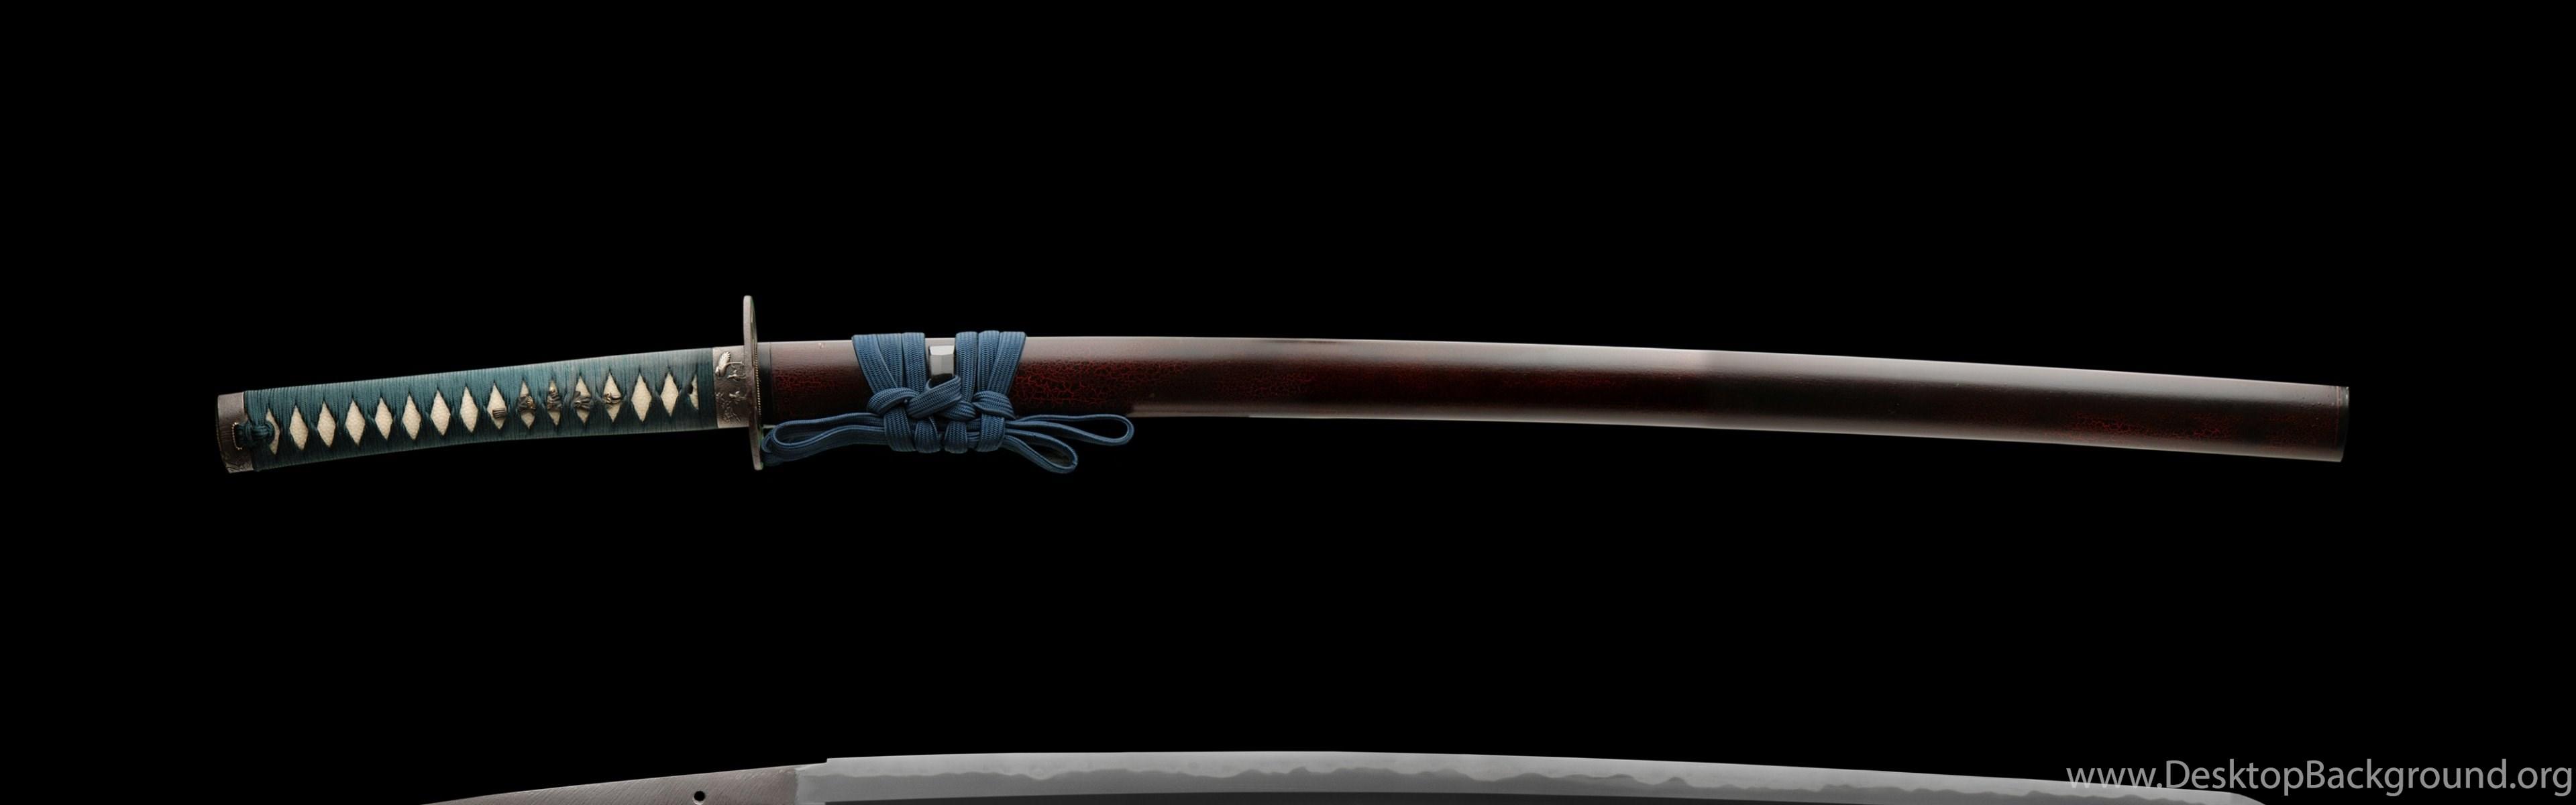 download wallpapers 3840x1200 katana sword samurai